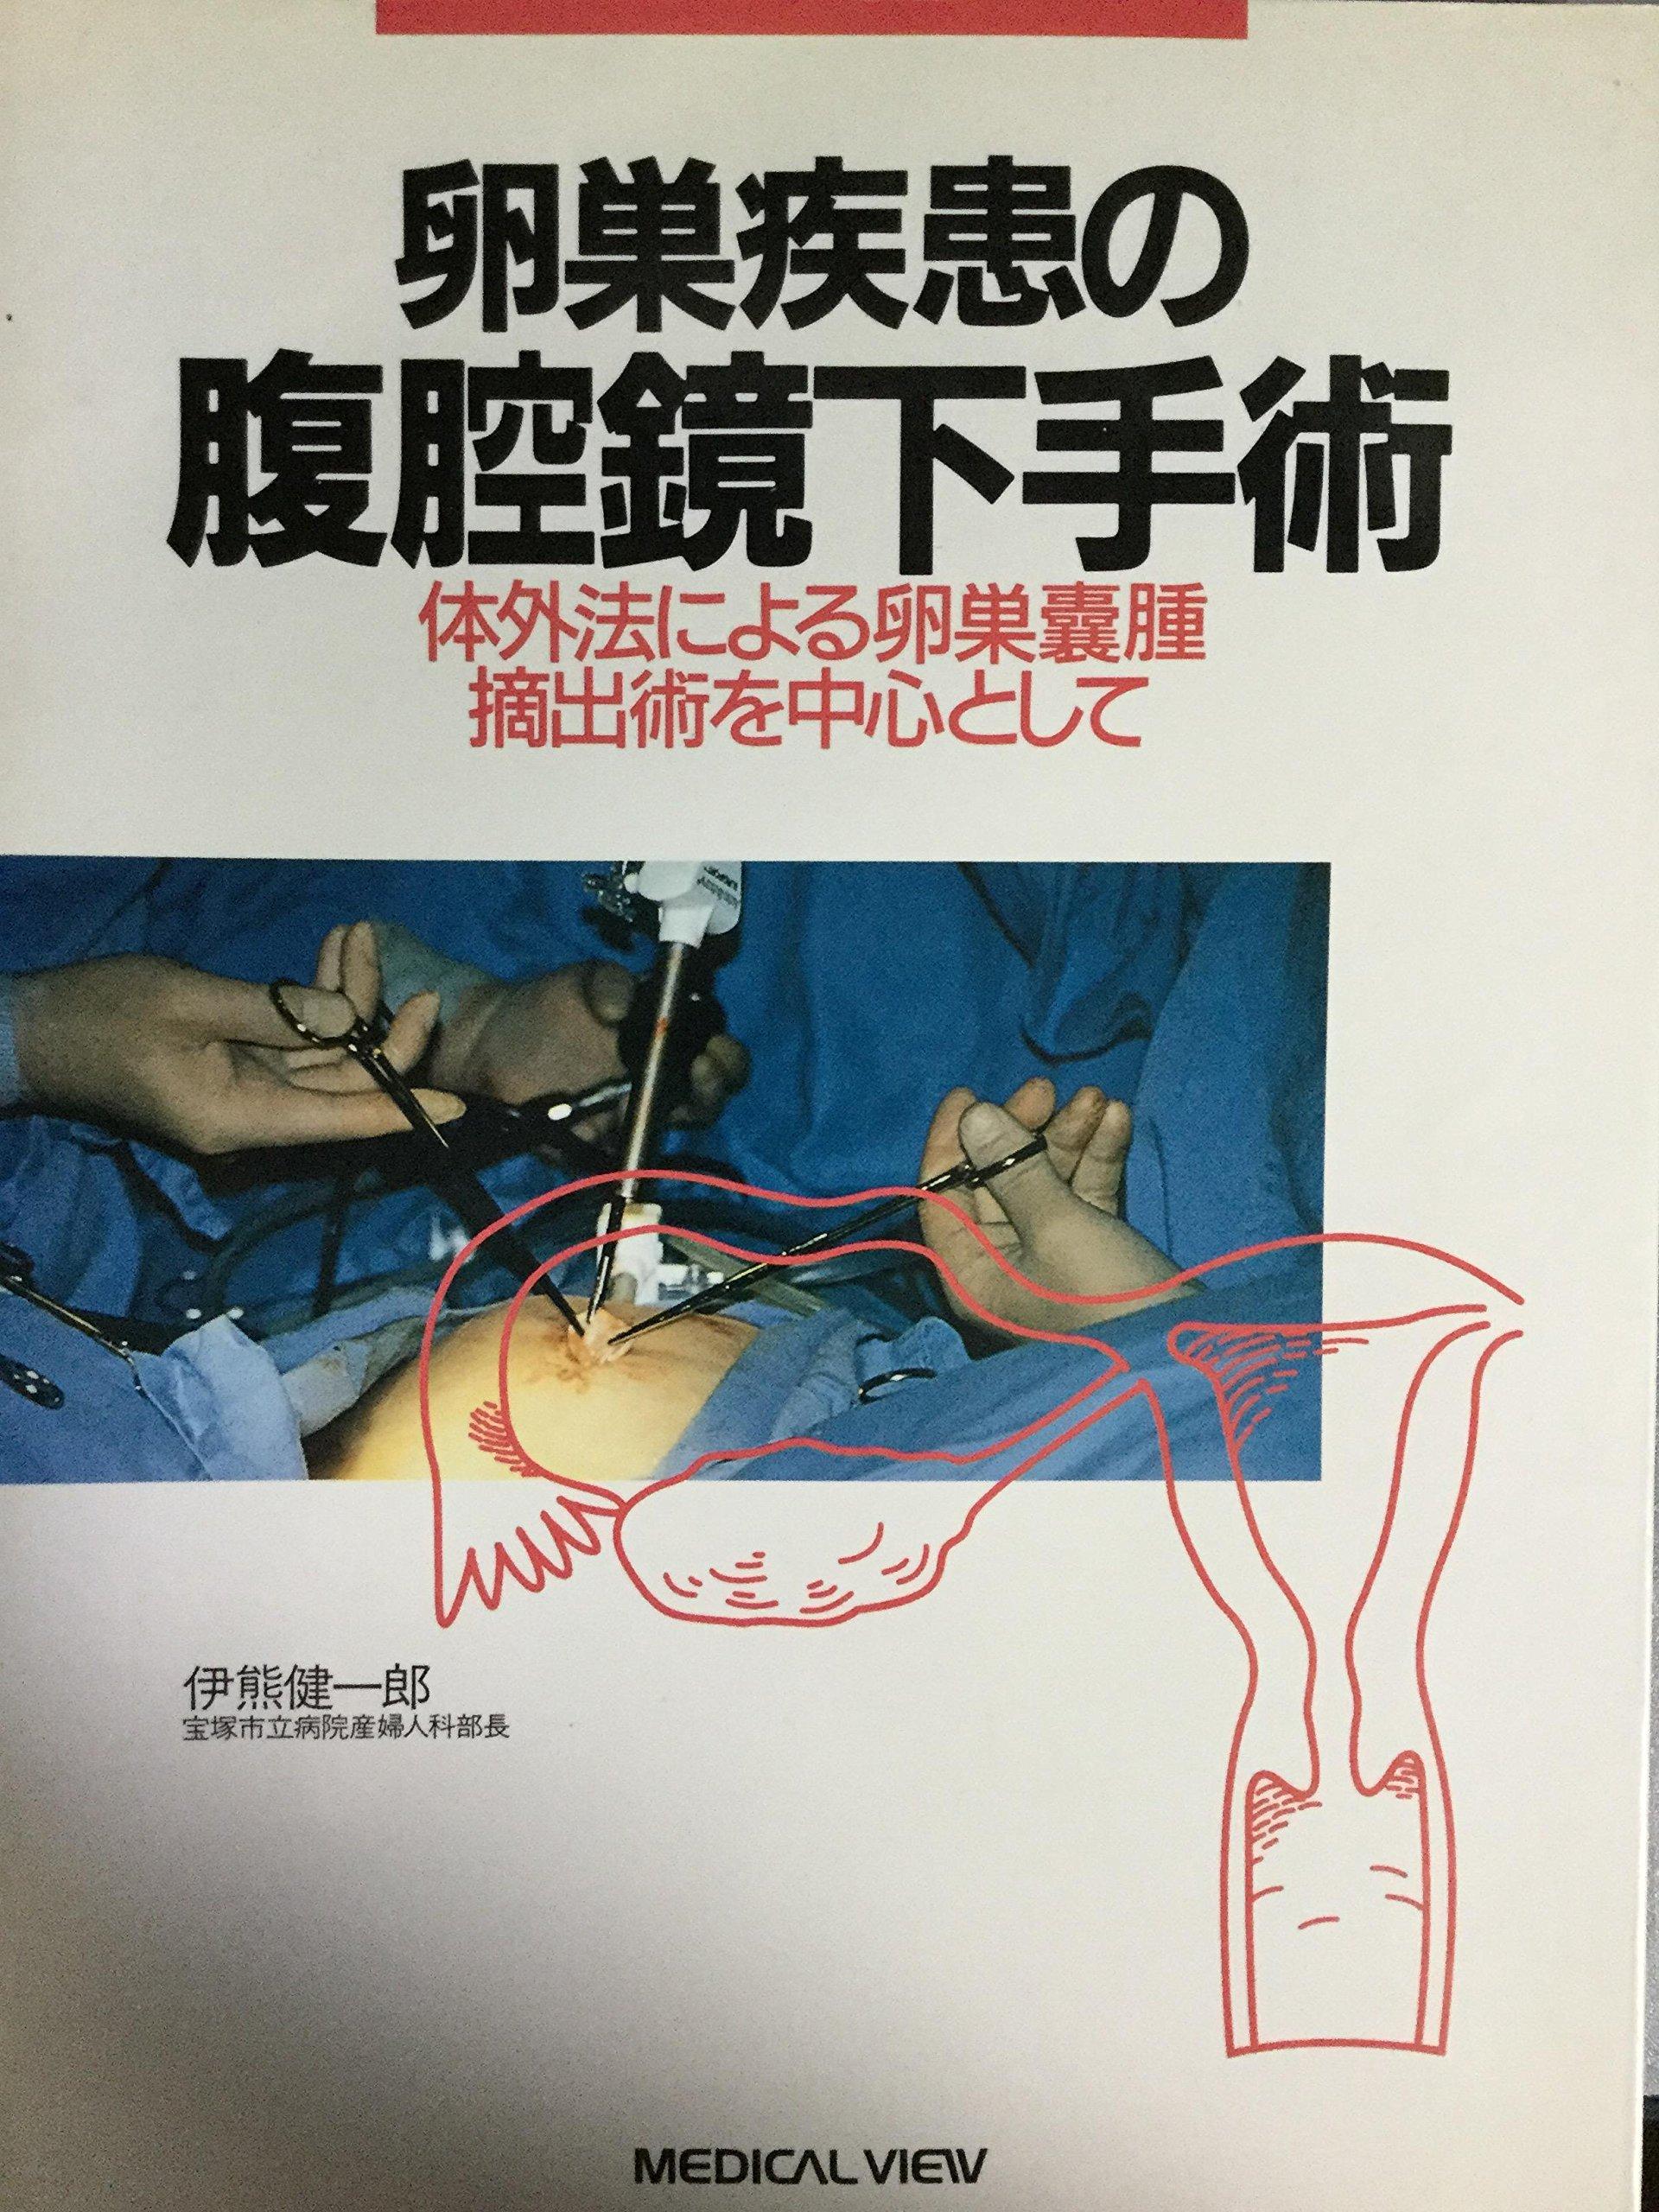 卵巣 嚢腫 腹腔 鏡 手術